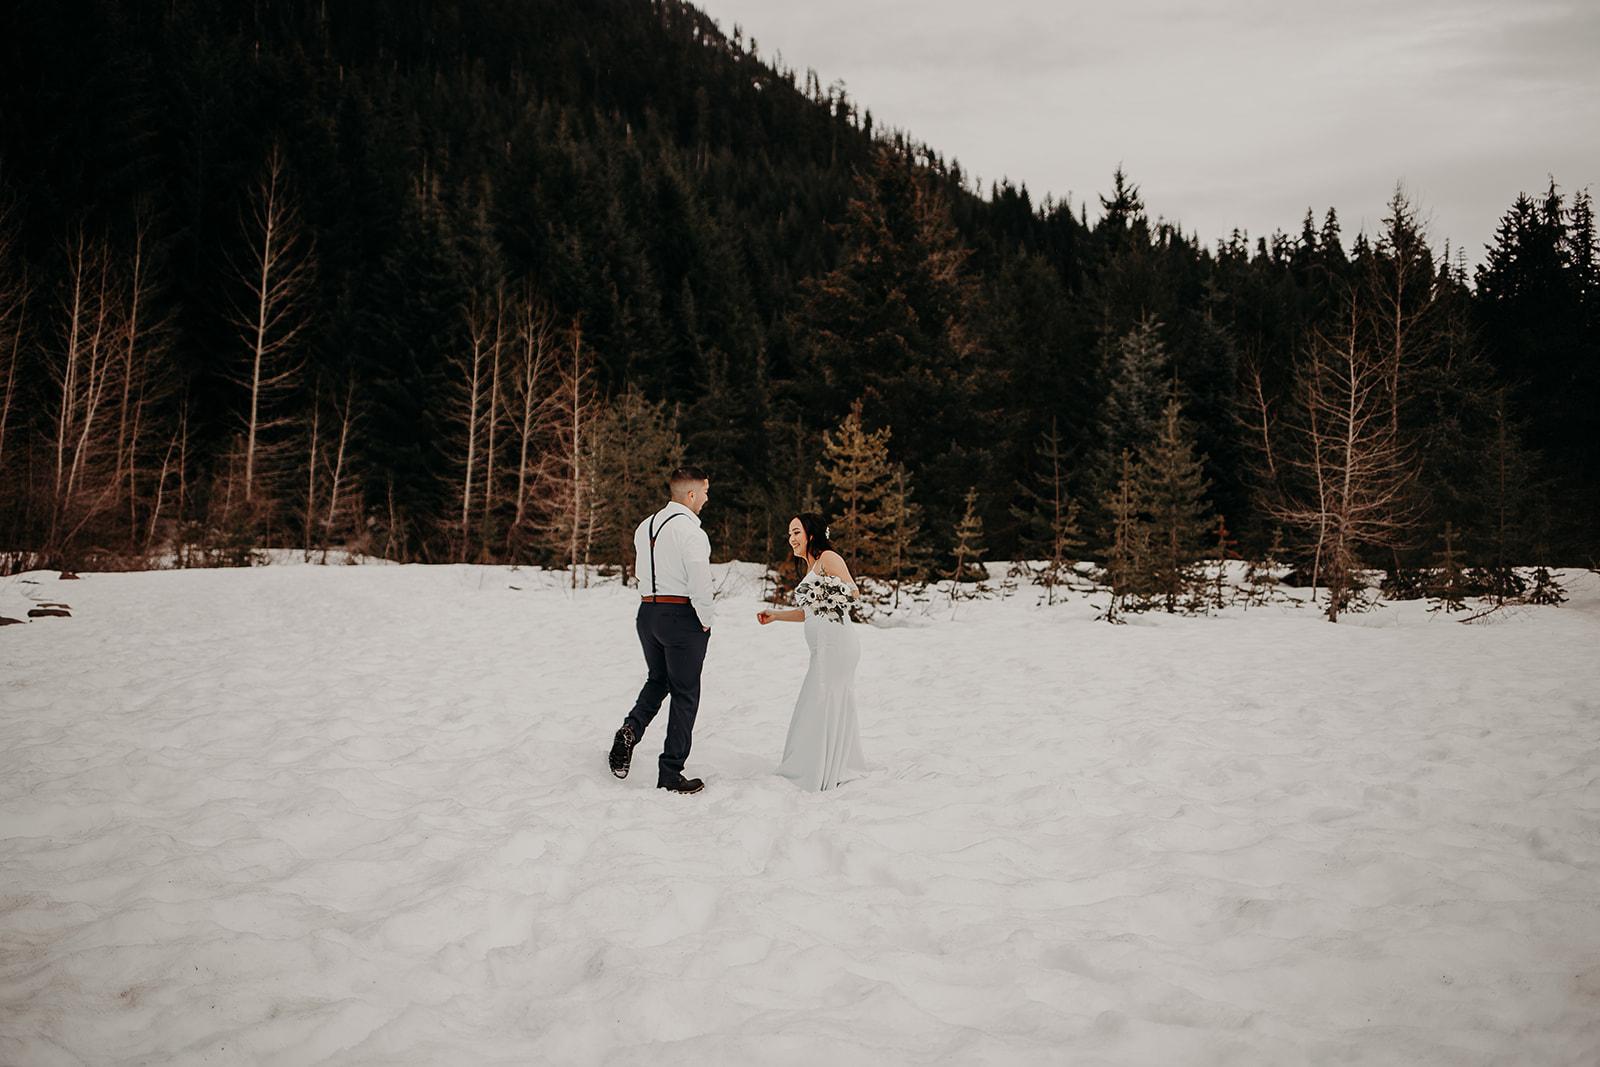 winter-mountain-elopement-asheville-wedding-photographer-megan-gallagher-photographer (8).jpg